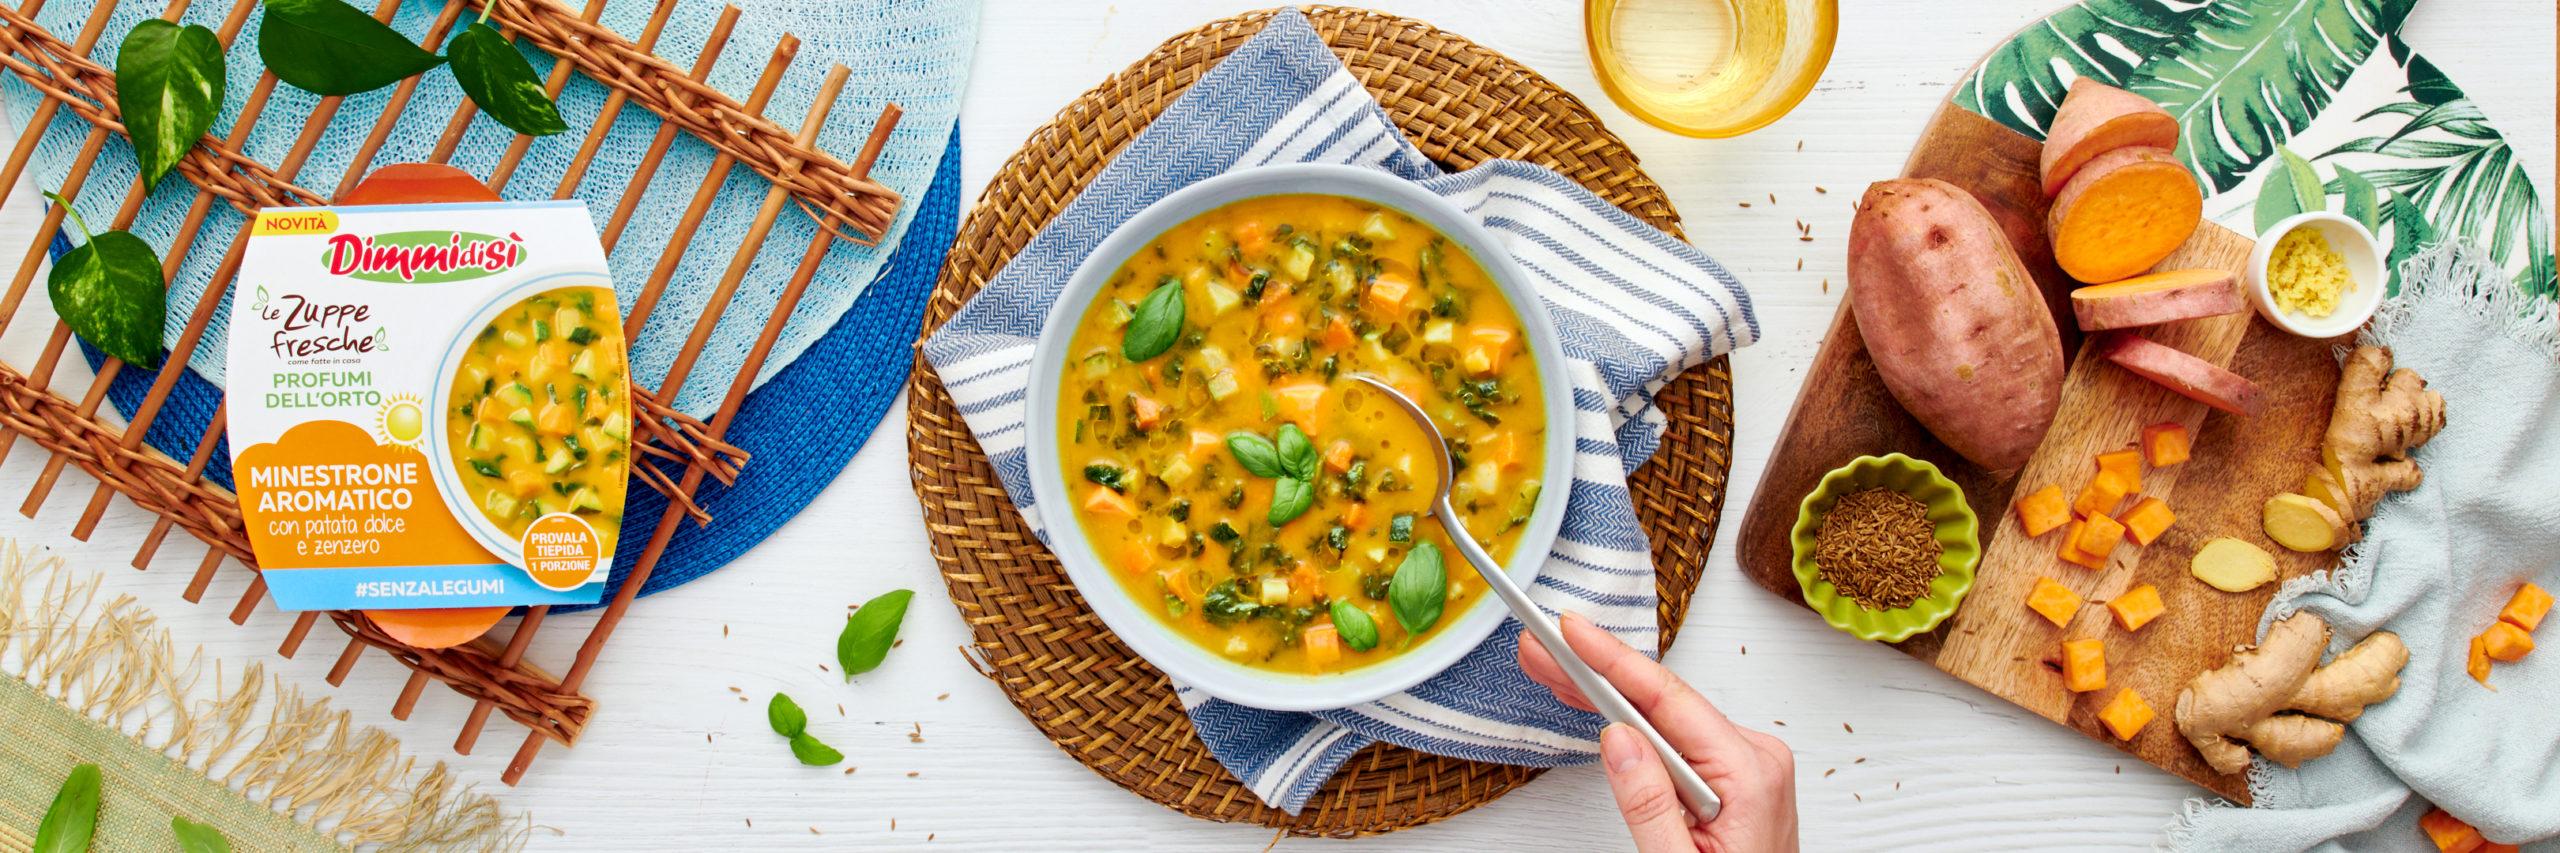 Le Zuppe Fresche Profumi dell'Orto: novità per le ricette estive DimmidiSì!